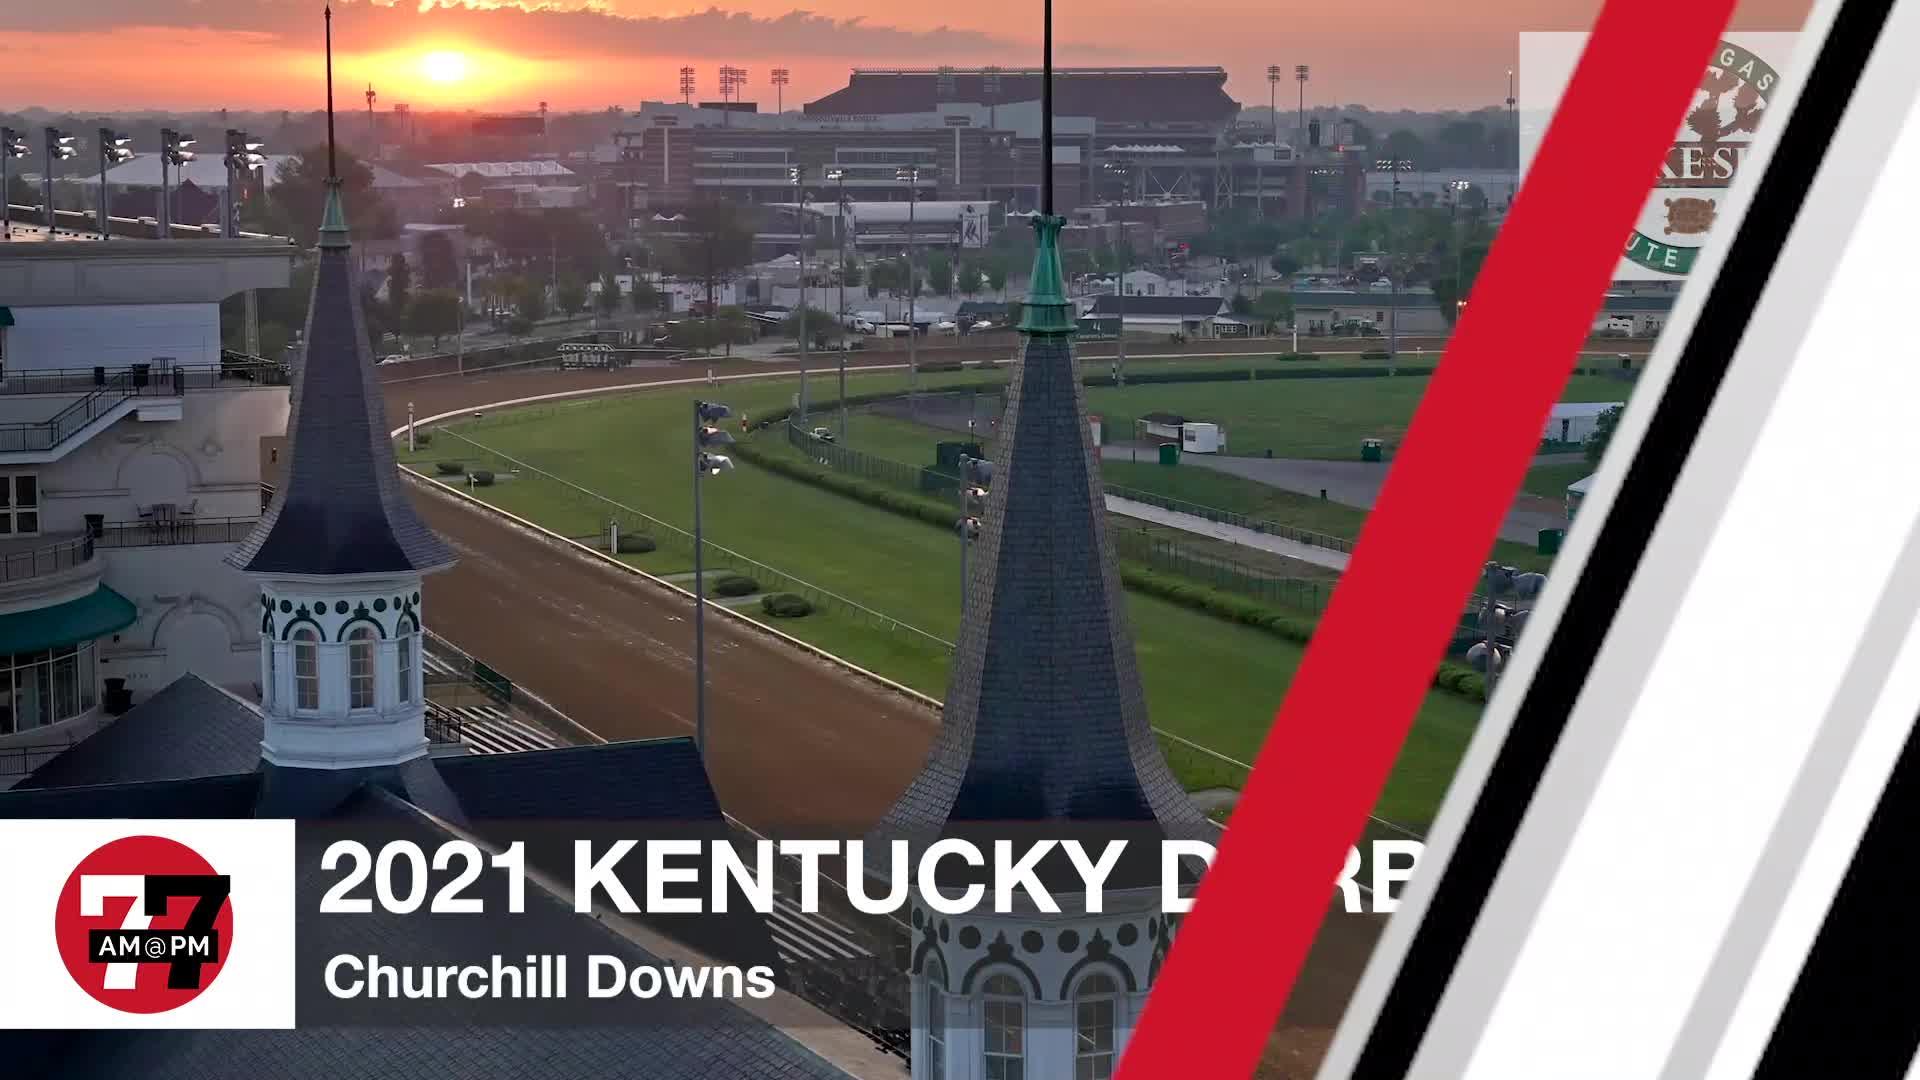 7@7PM Kentucky Derby Odds